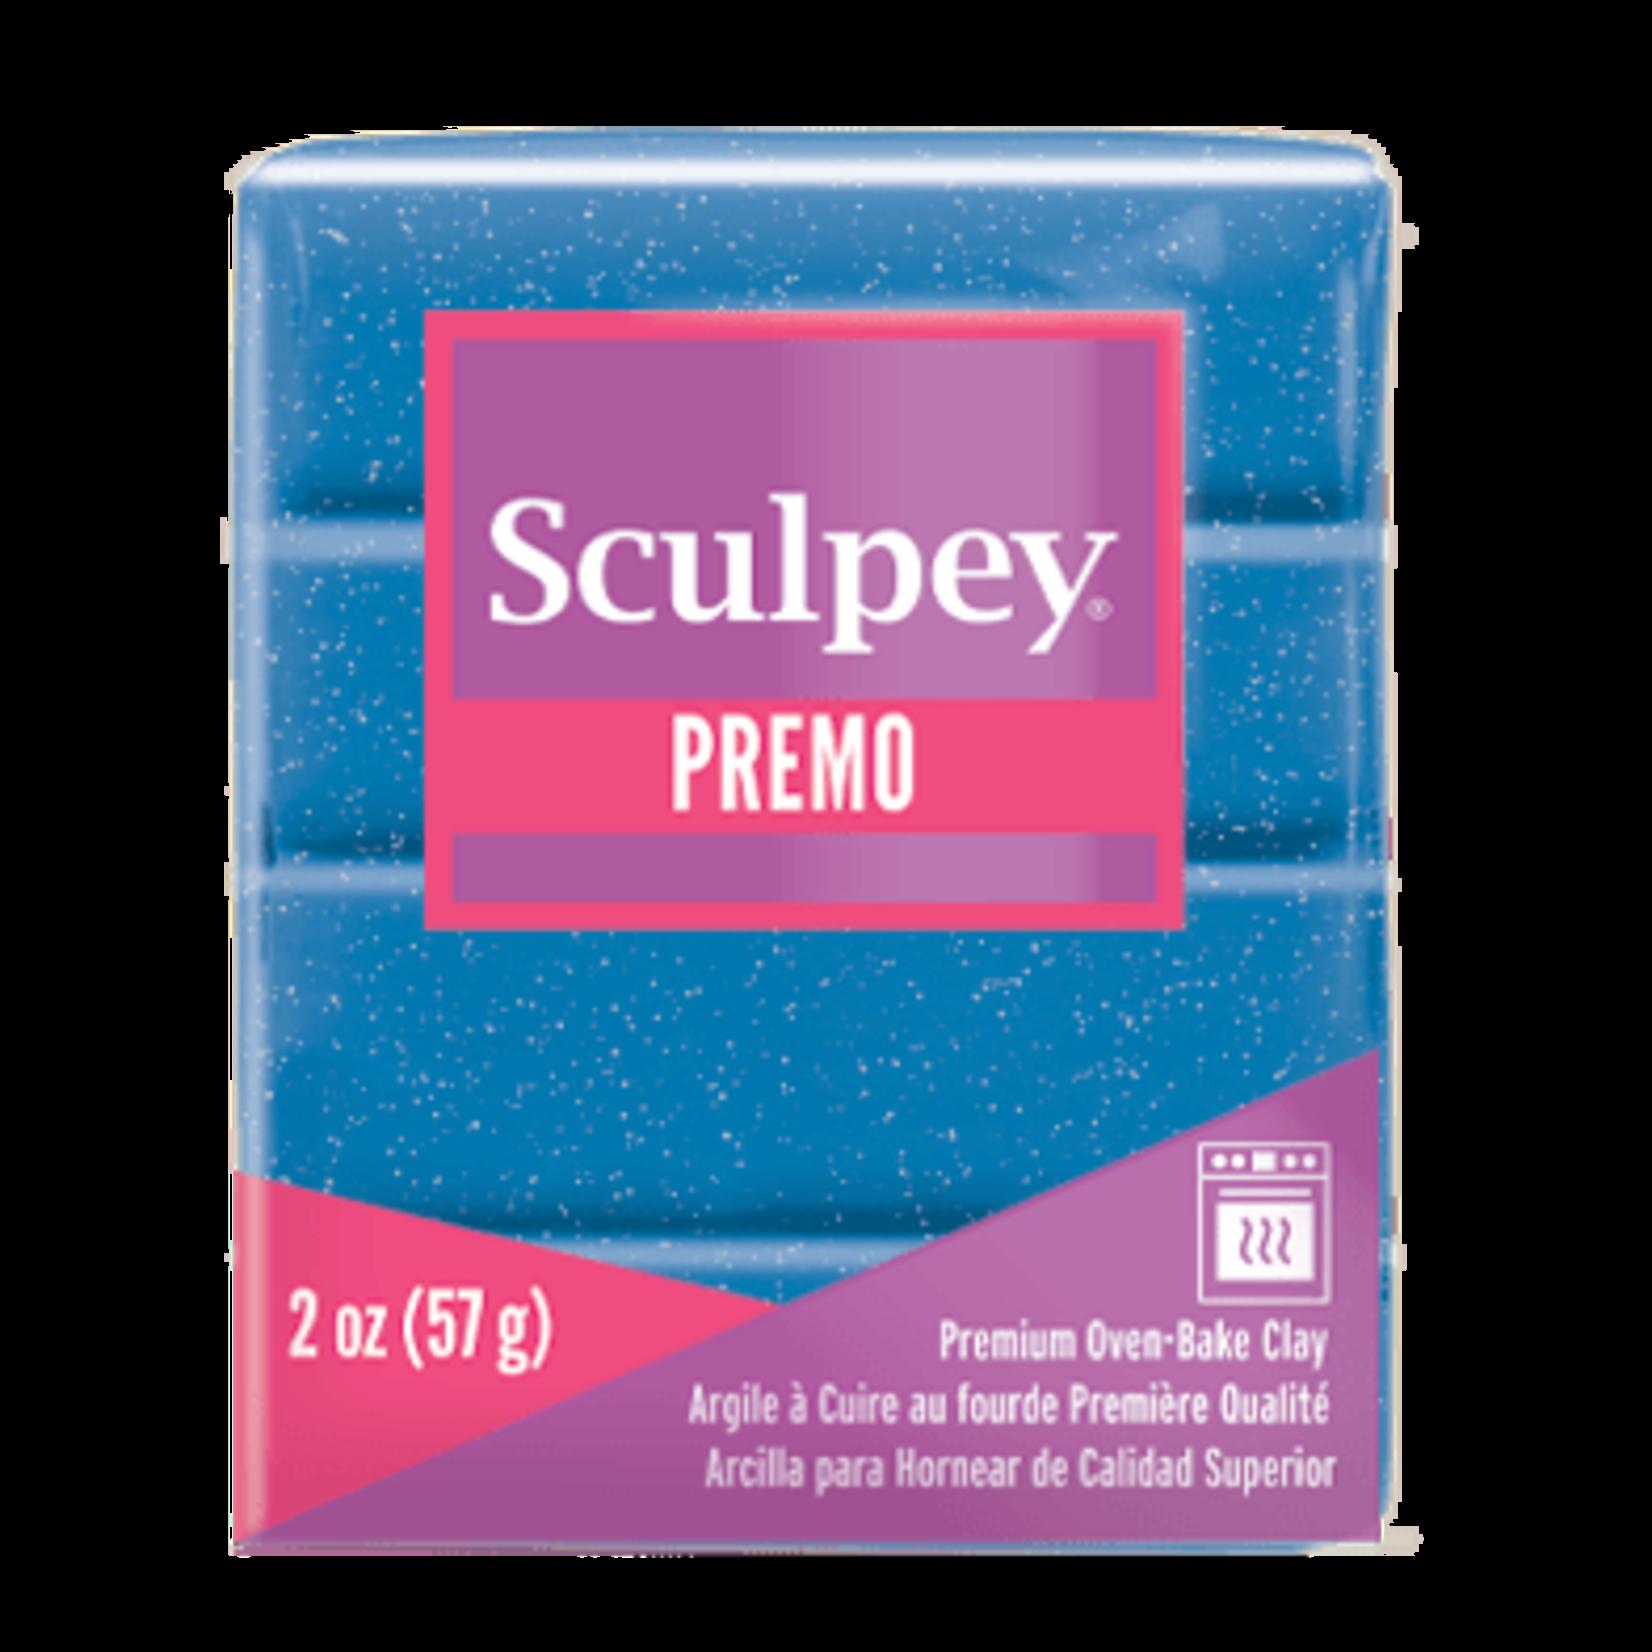 Sculpey Sculpey Premo   -- Blue Glitter